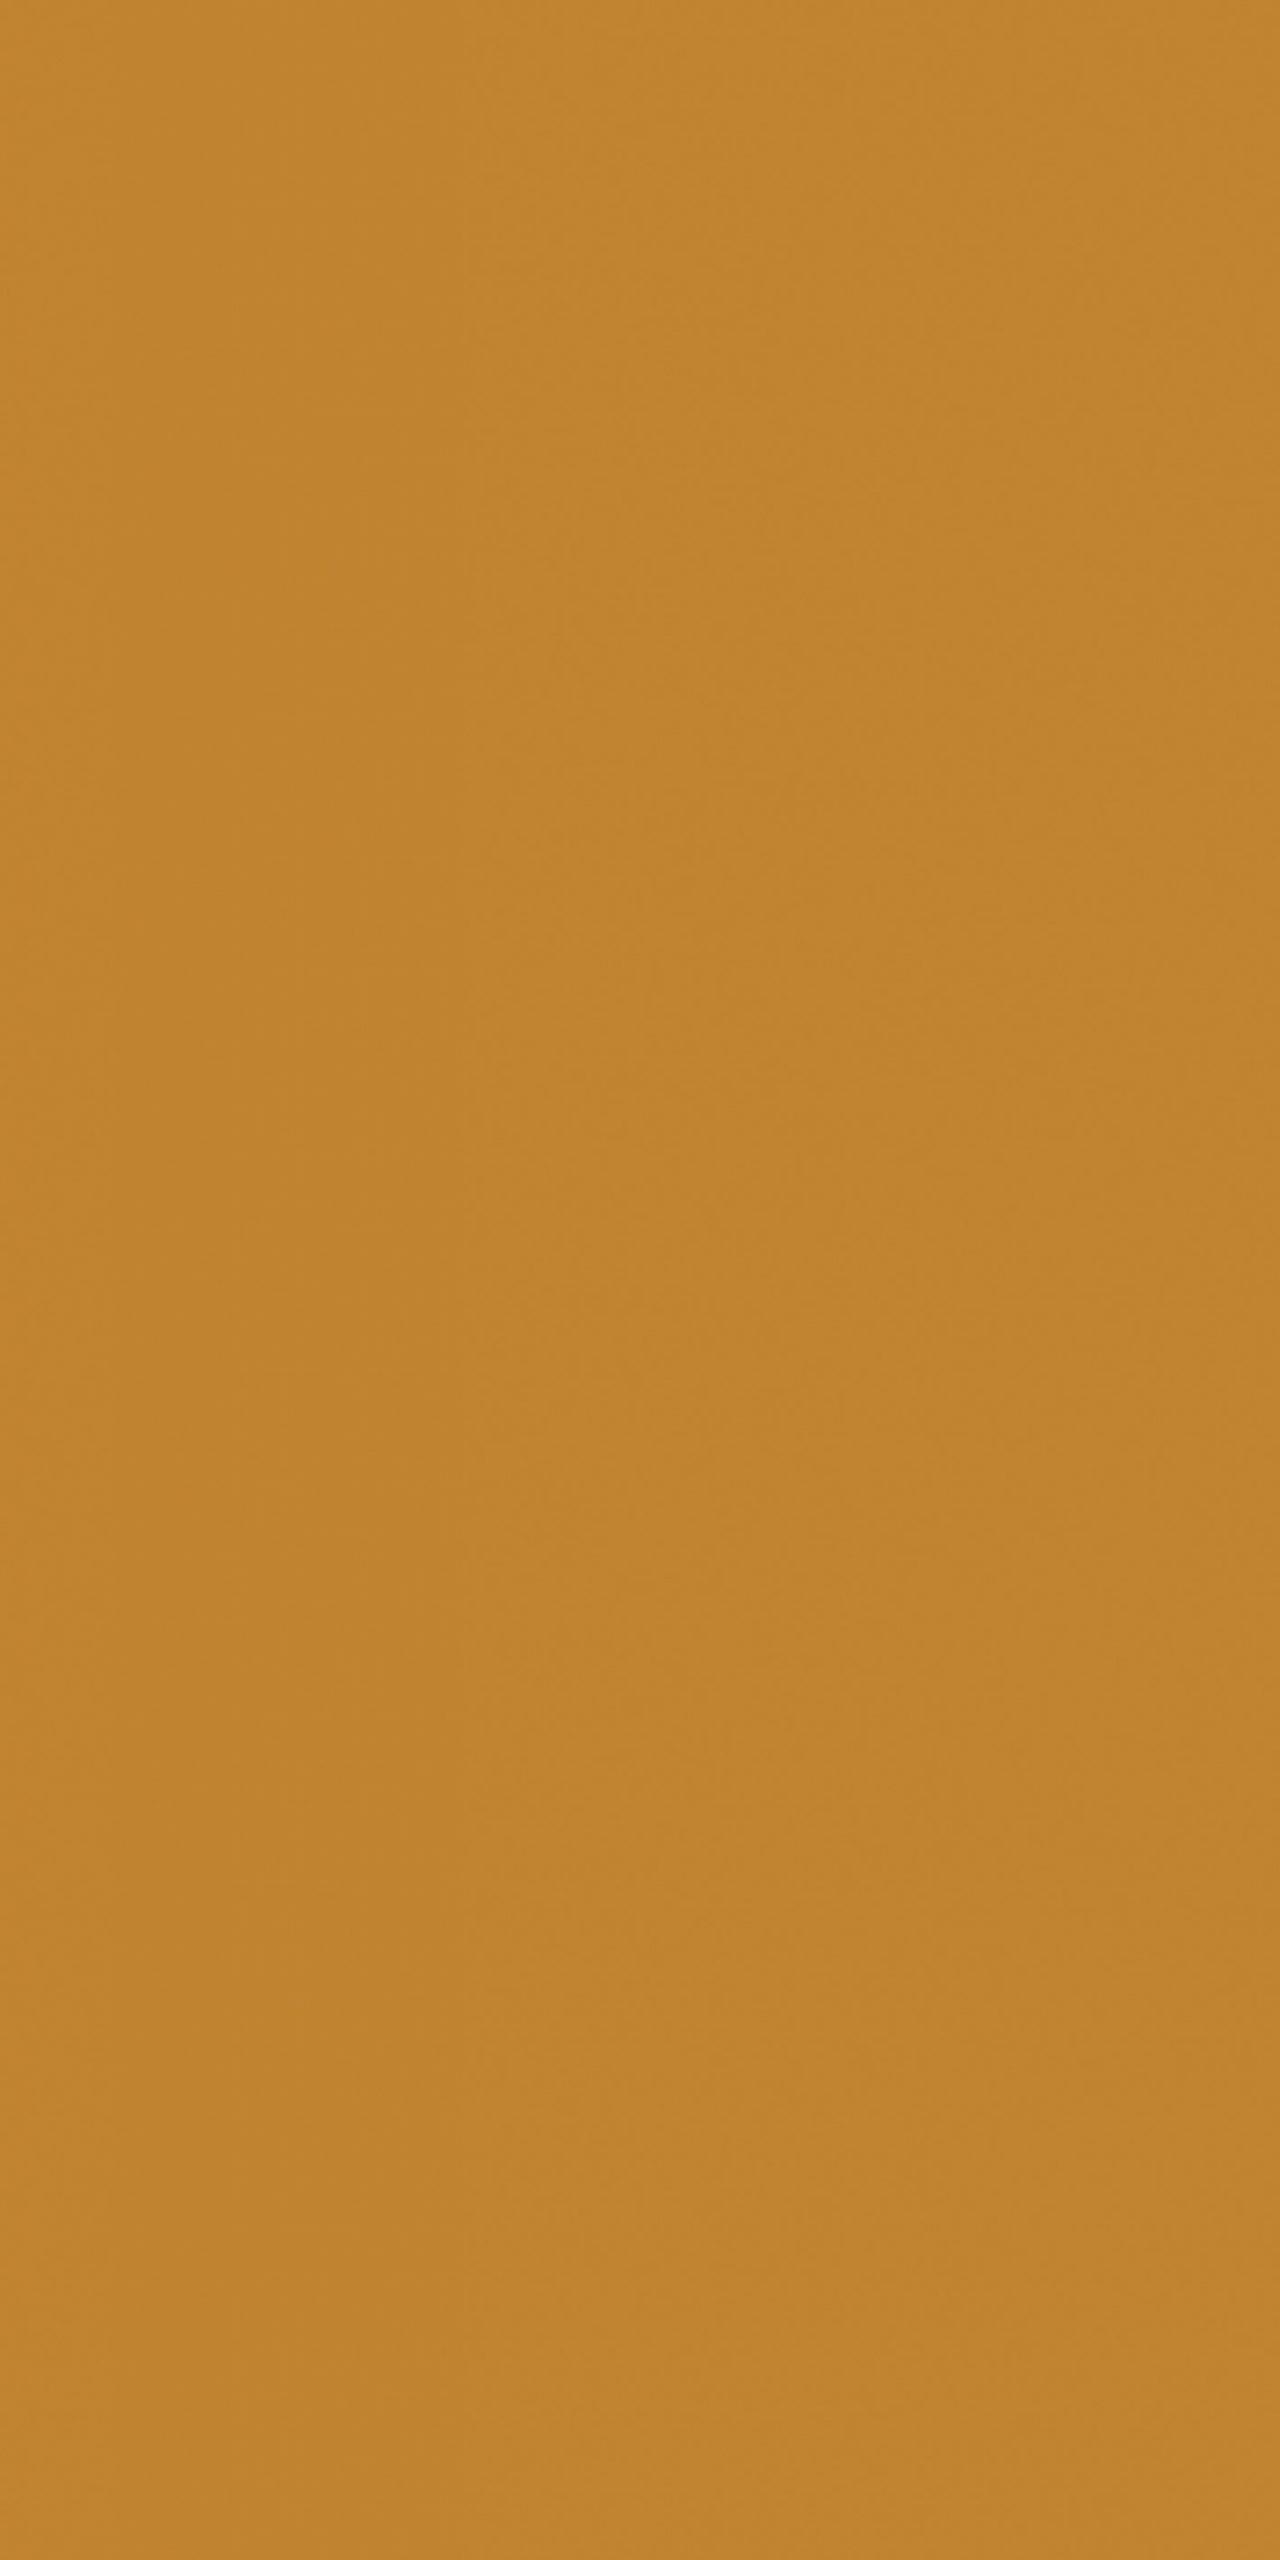 Buildtech 2.0 Bold Colors Mustard Matte 6mm 60 x 120